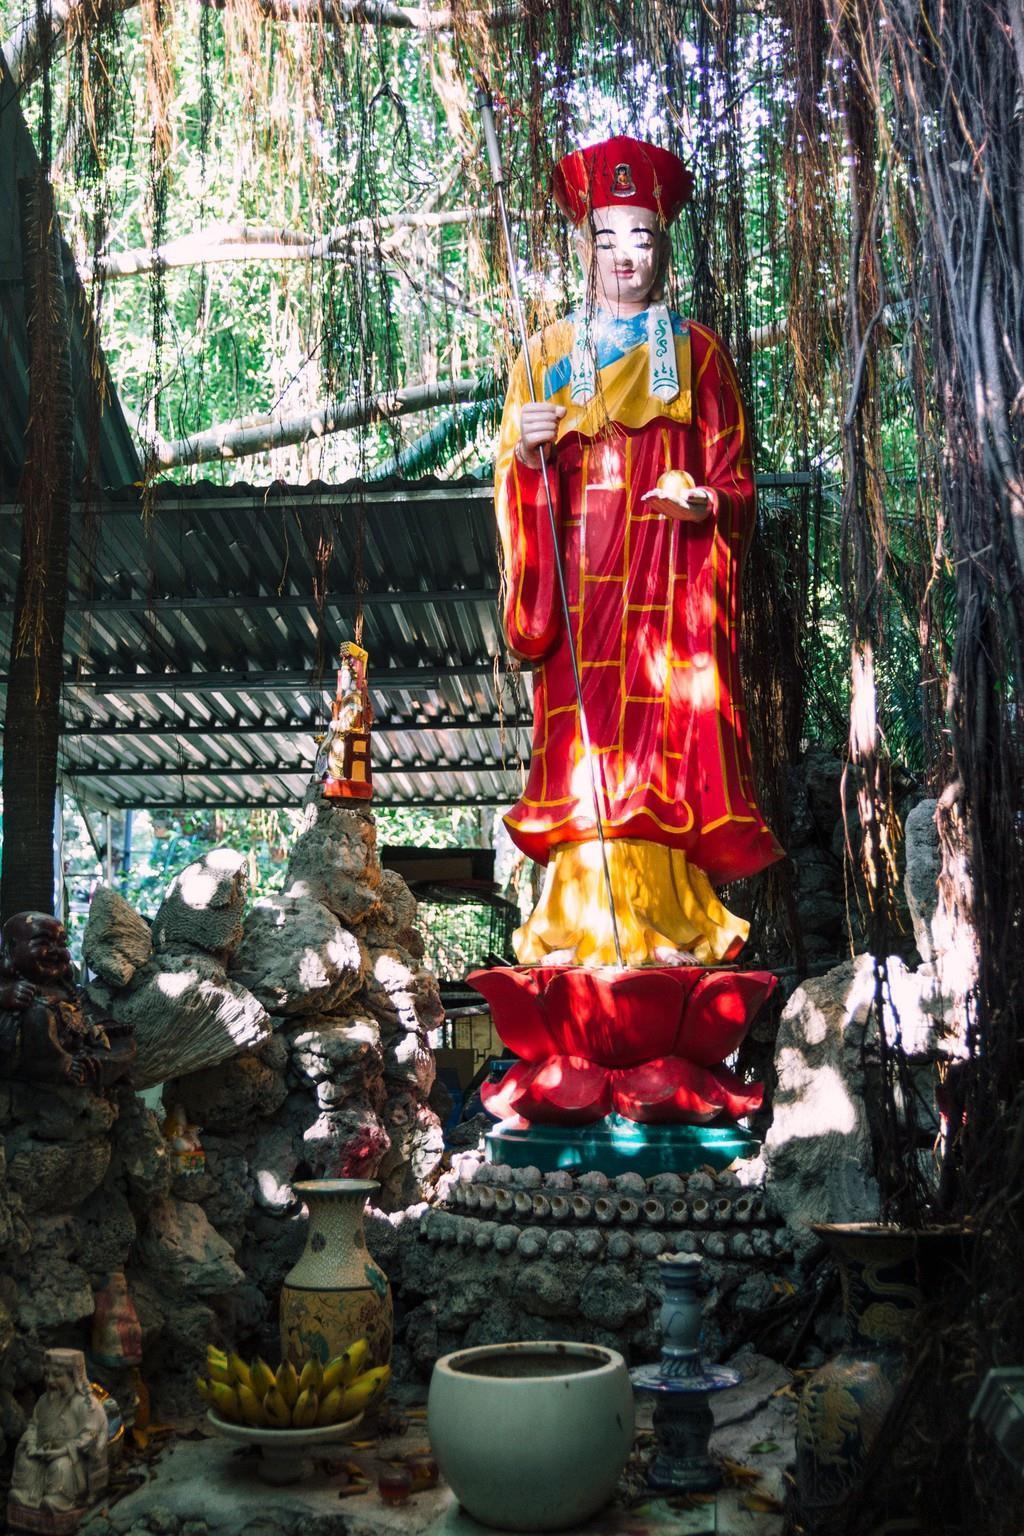 Ngôi chùa vỏ ốc ở Cam Ranh đẹp khác lạ trên báo nước ngoài Ảnh 8